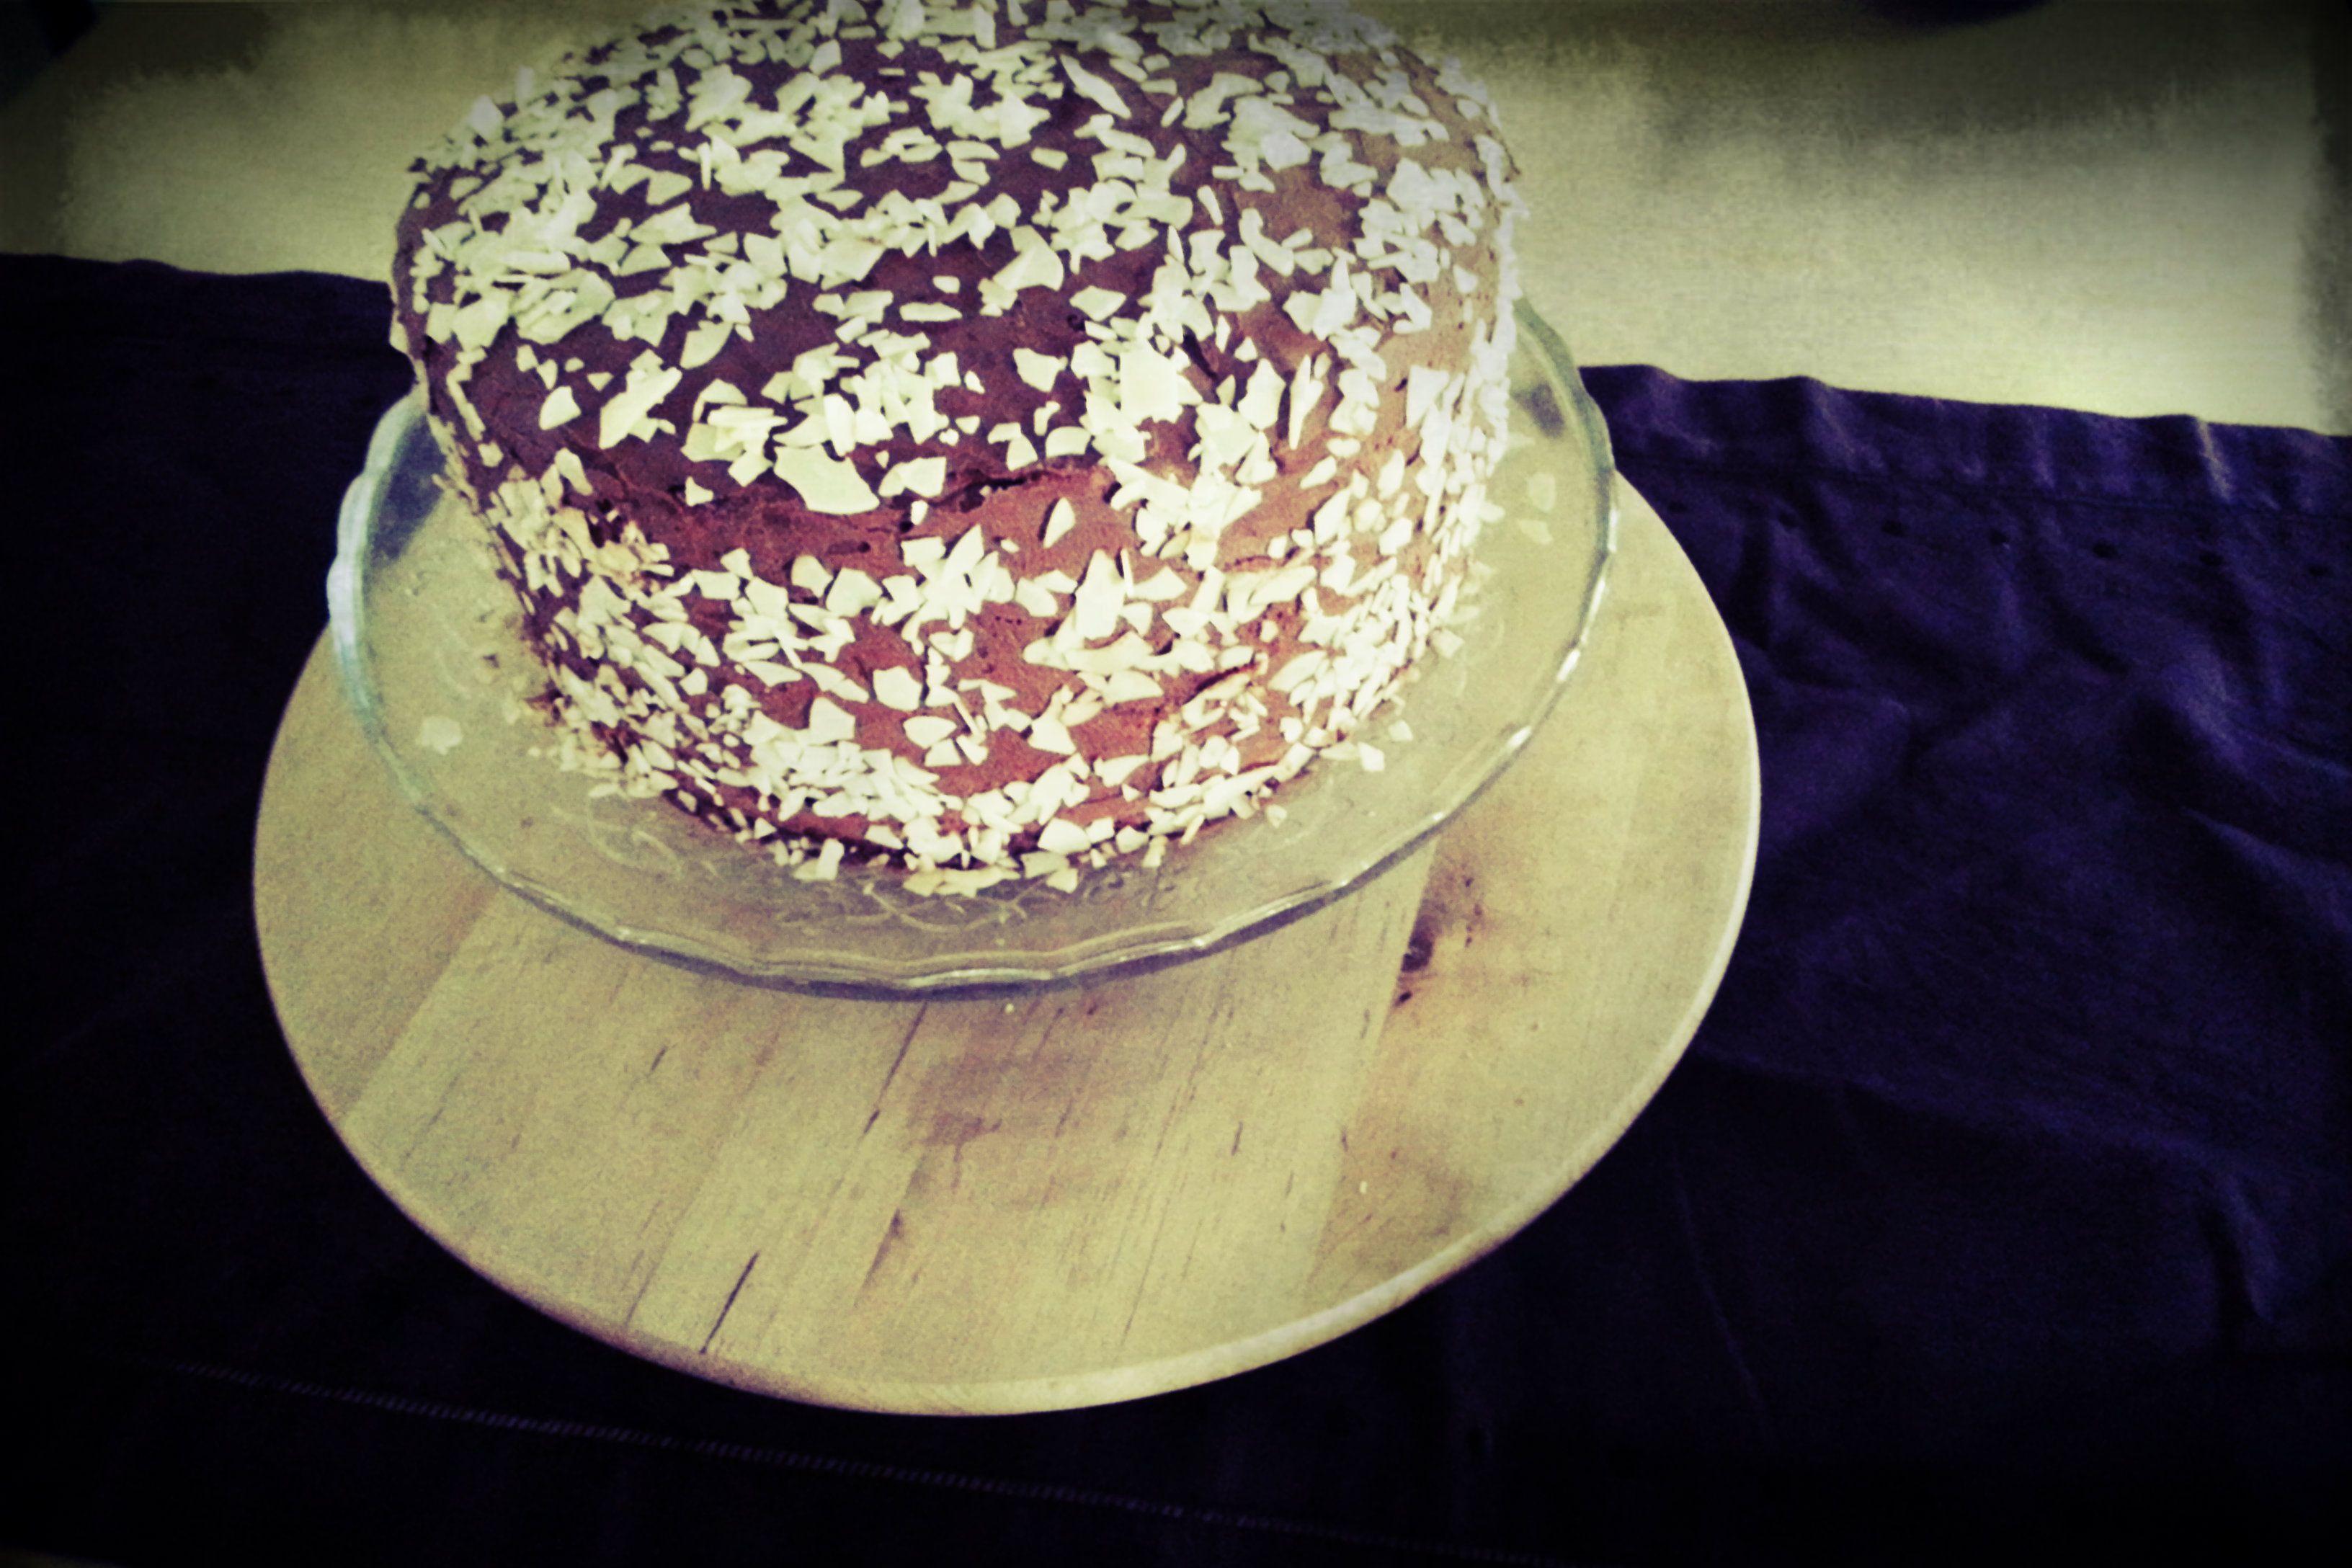 Pastel de chocolate relleno de garnache de chocolate blanco. Exquisito!